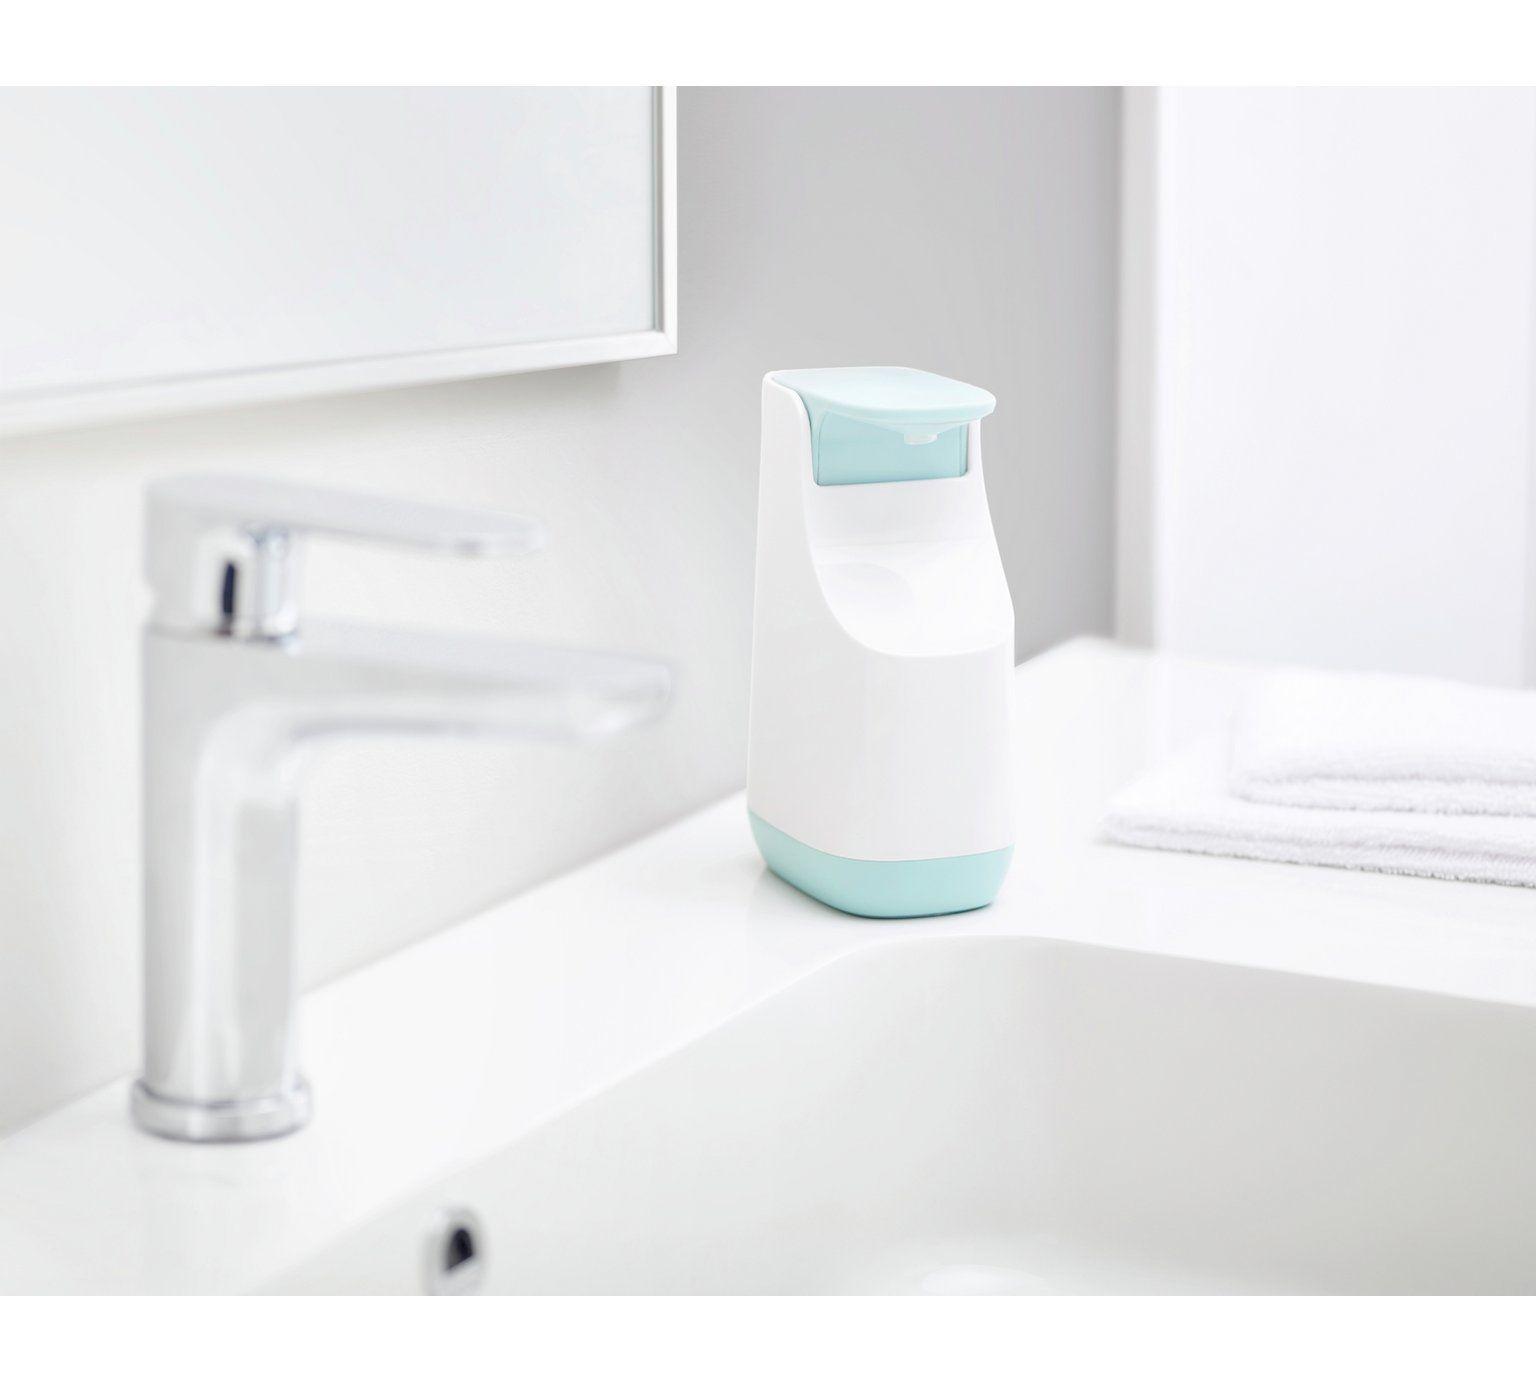 Buy Joseph Joseph Soap Dispenser - White & Blue at Argos.co.uk ...